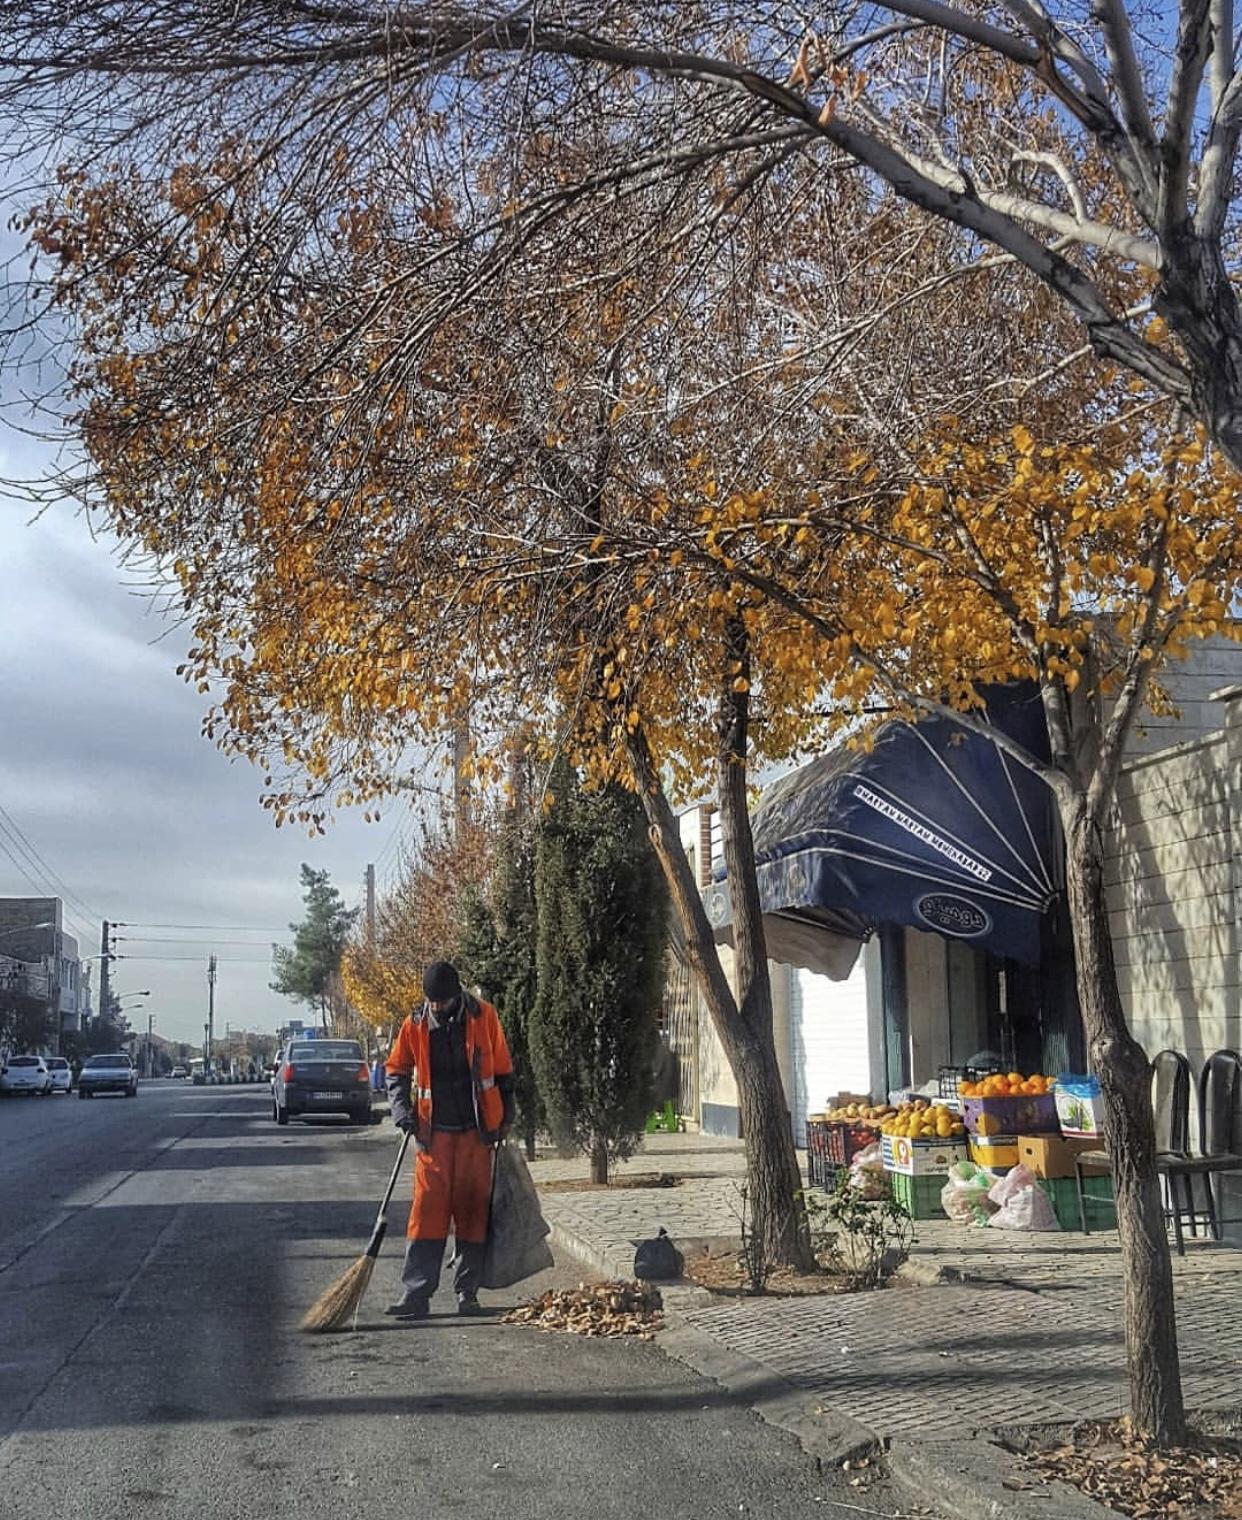 عدسة إيرانية: عامل نظافة يقوم بتنظيف الشارع في سمنان 1